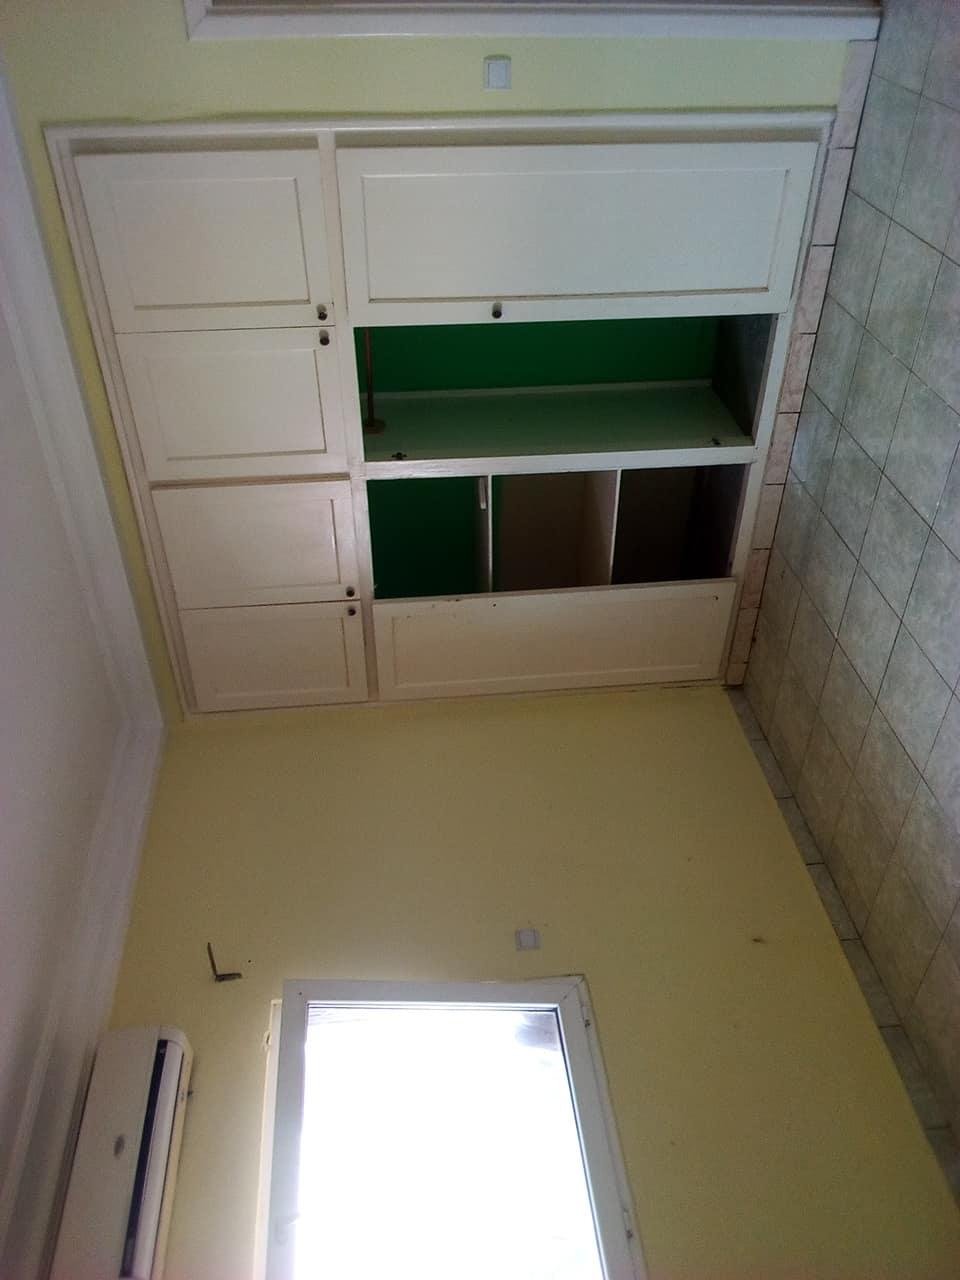 Appartement à louer - Yaoundé, Bastos, pas loin de lambassade de chine - 1 salon(s), 3 chambre(s), 4 salle(s) de bains - 500 000 FCFA / mois